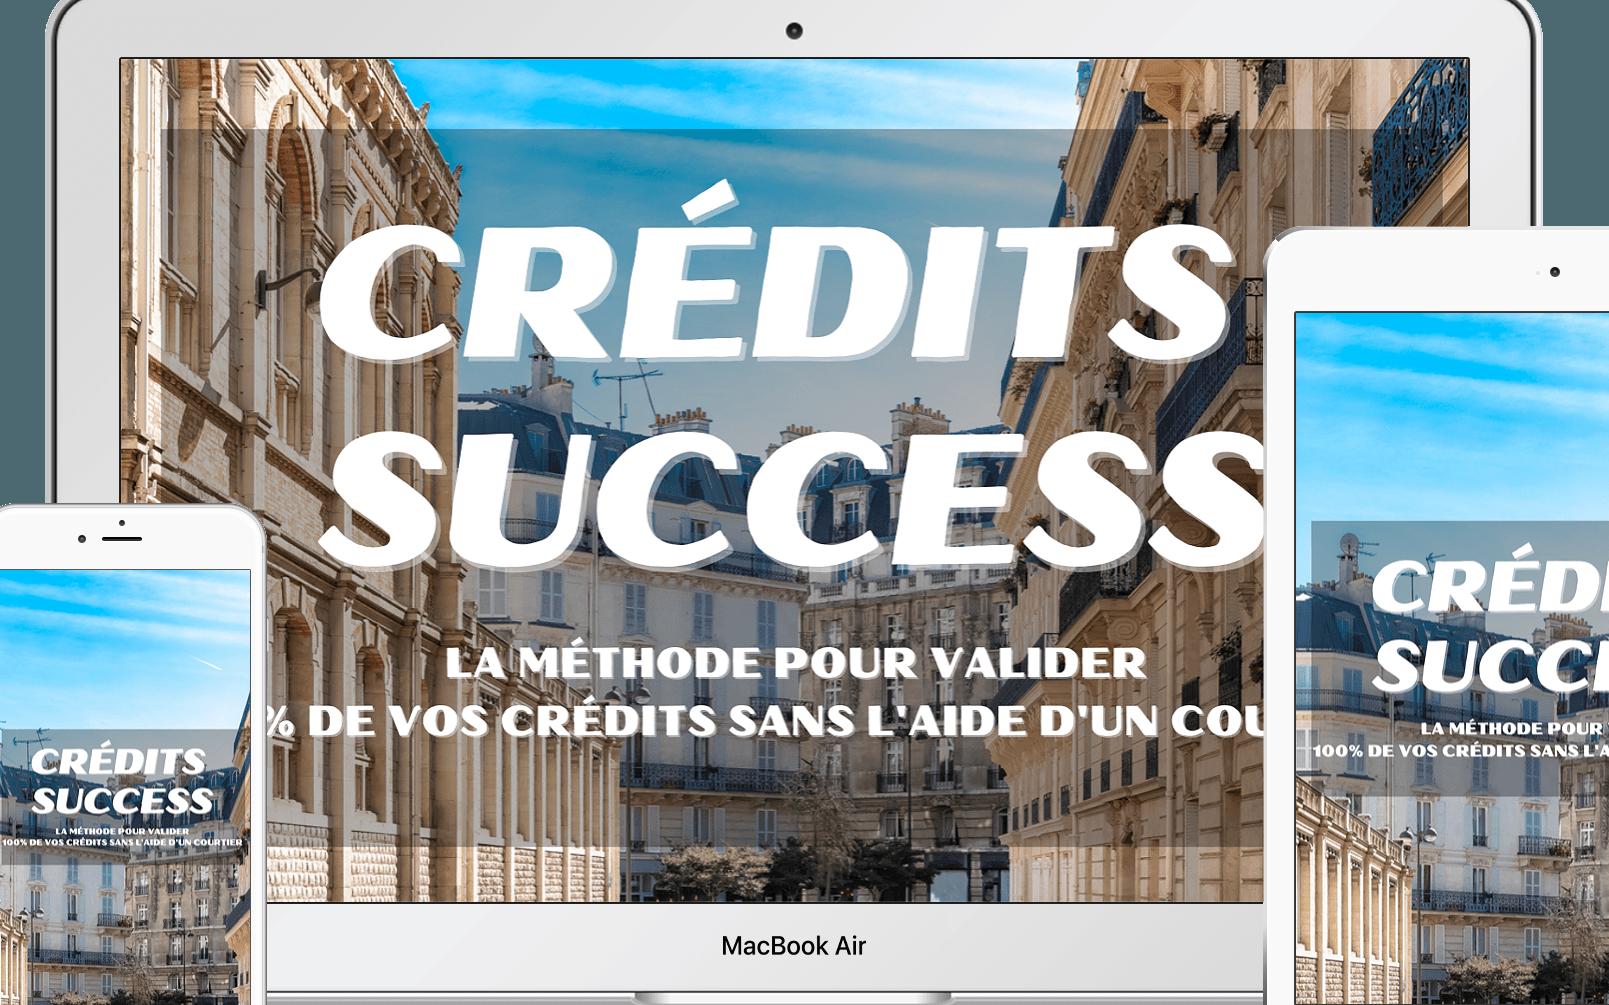 CRÉDITS SUCCESS